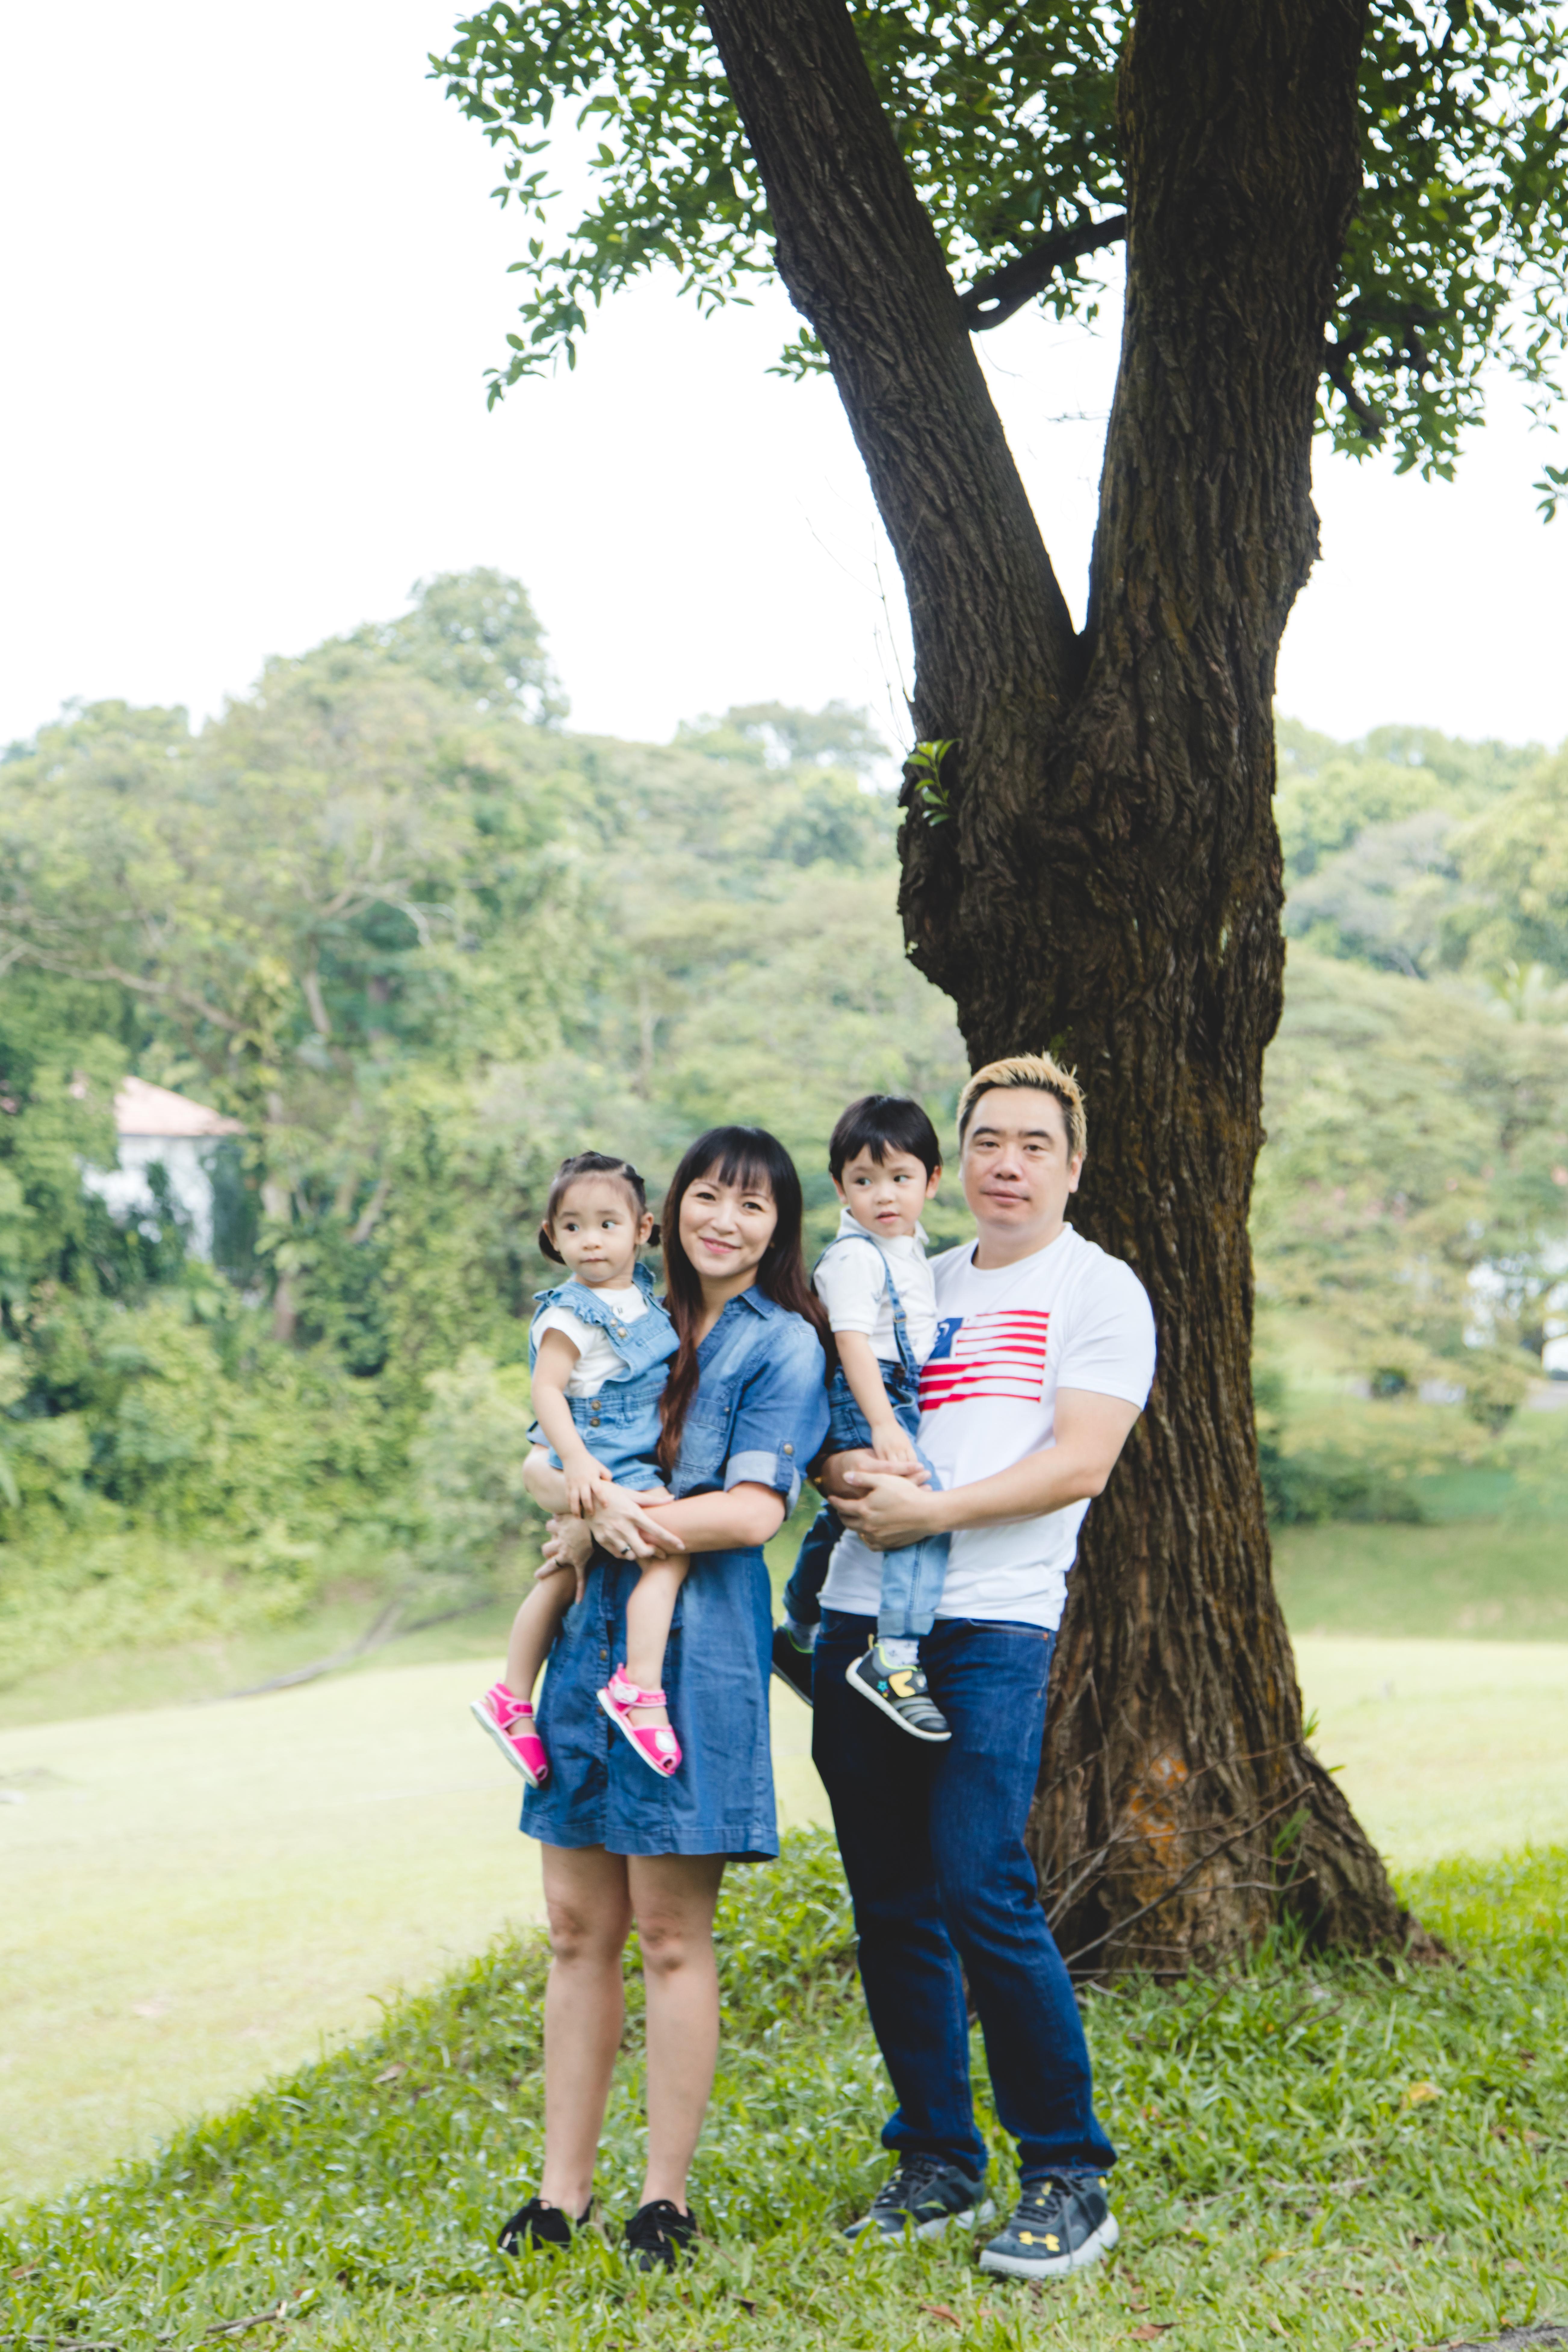 151218_FamilyShoot-002